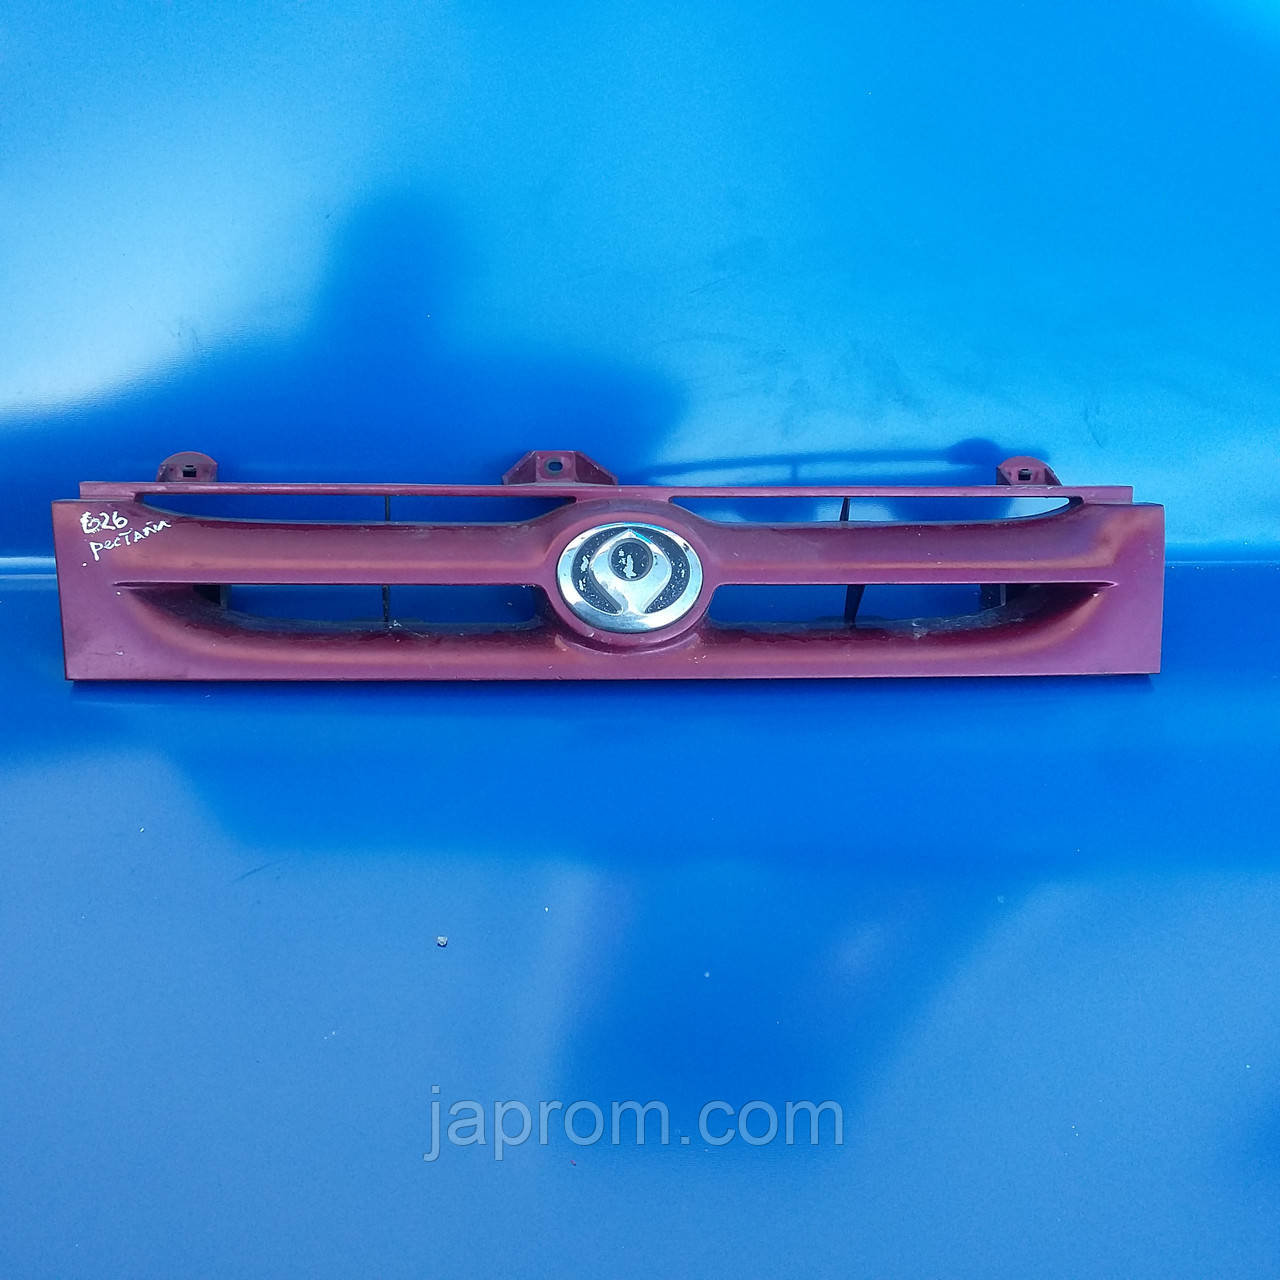 Решетка радиатора Mazda 626 GV1987-1991г.в. рестайл